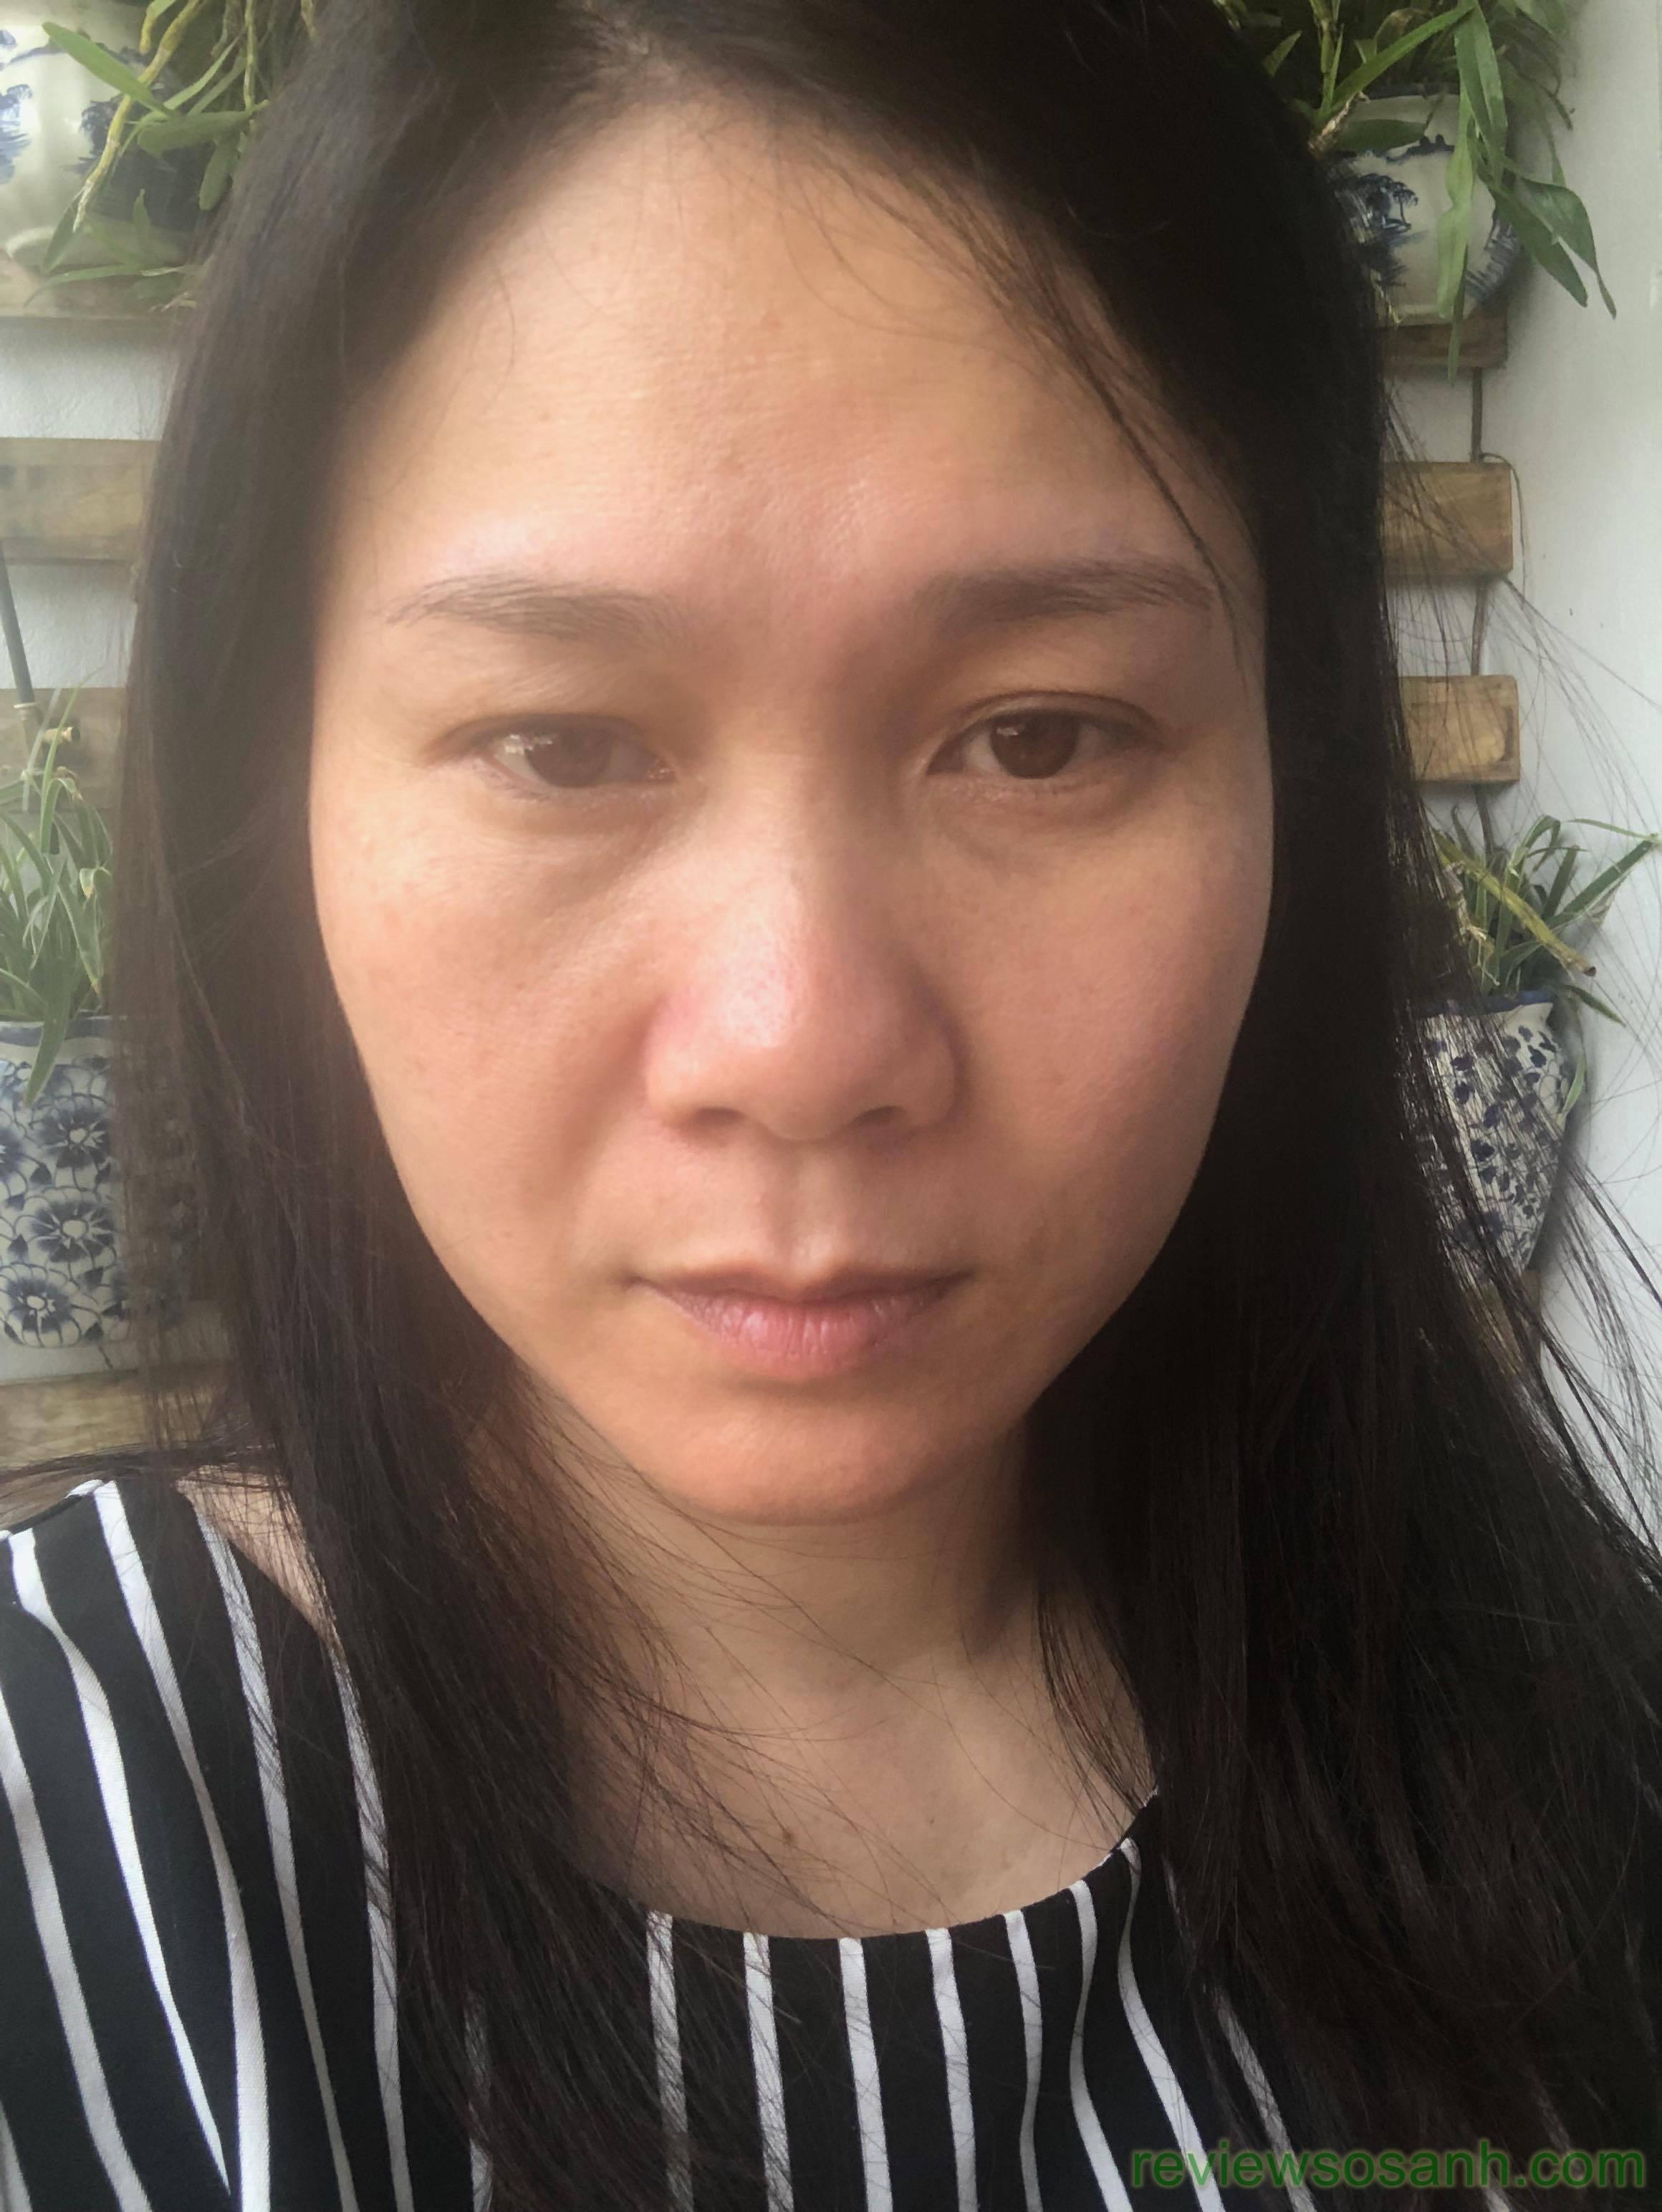 Nguyễn Thùy Linh - Favita